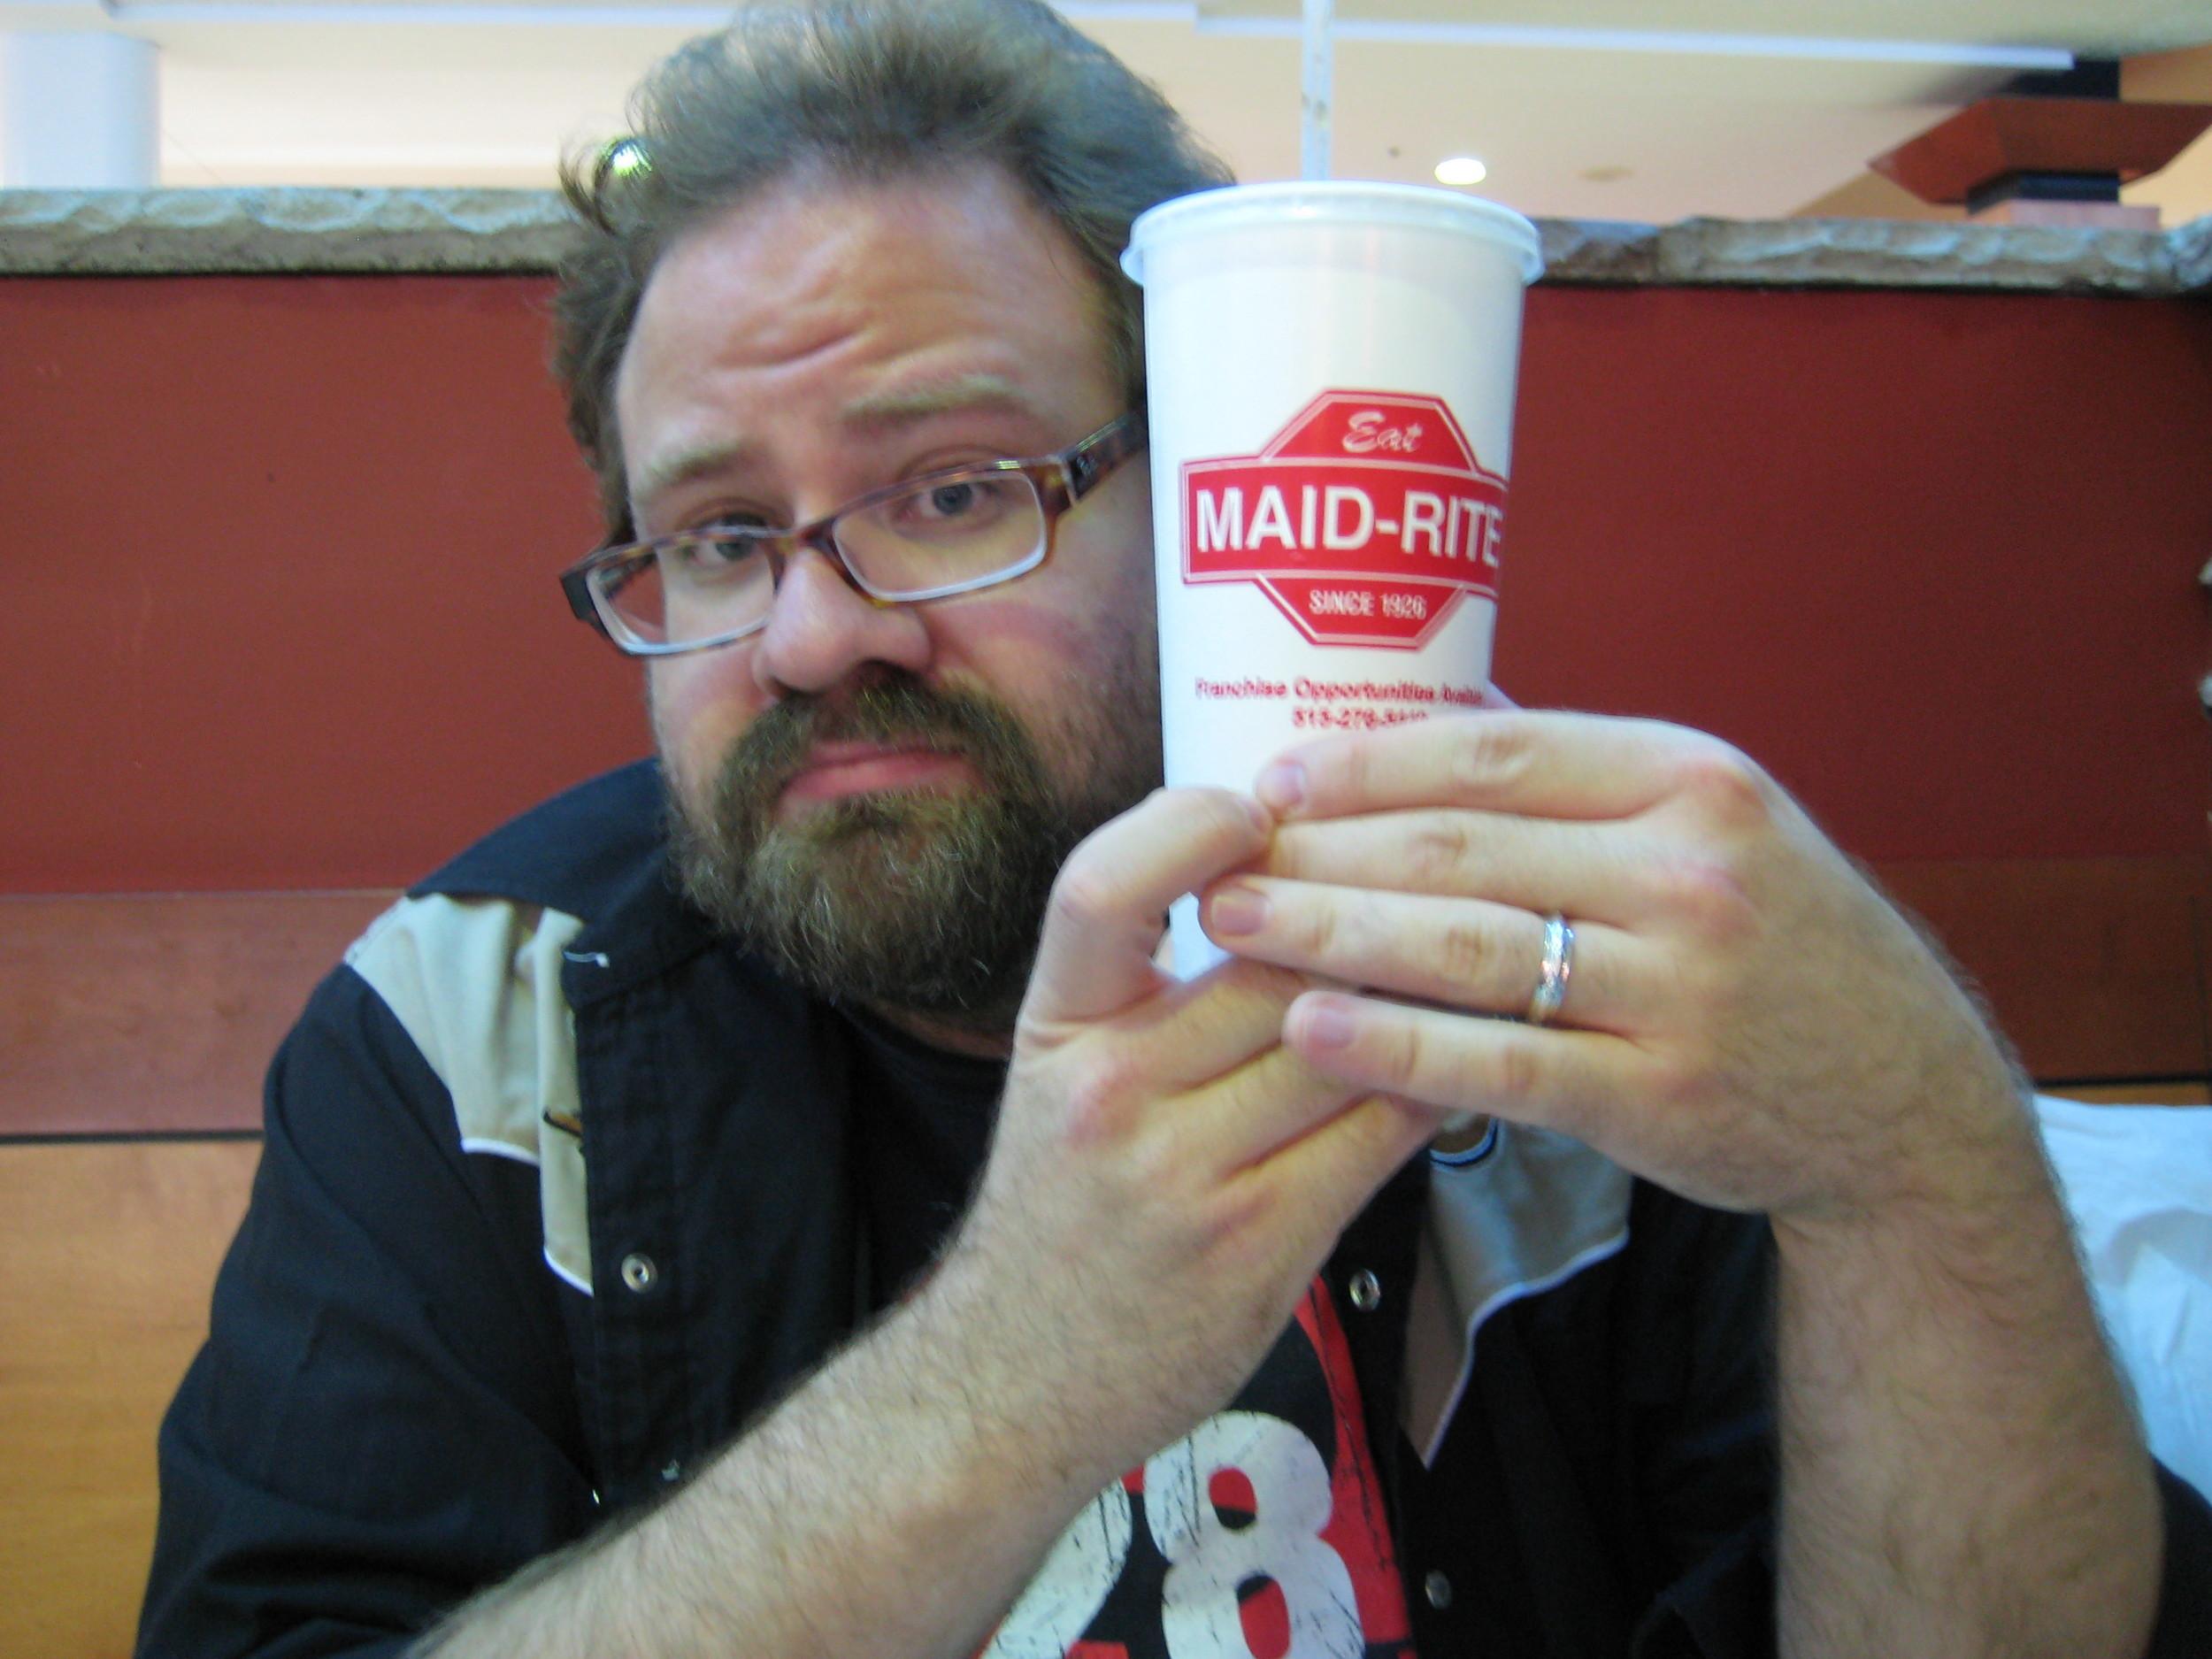 Maid Right Soda